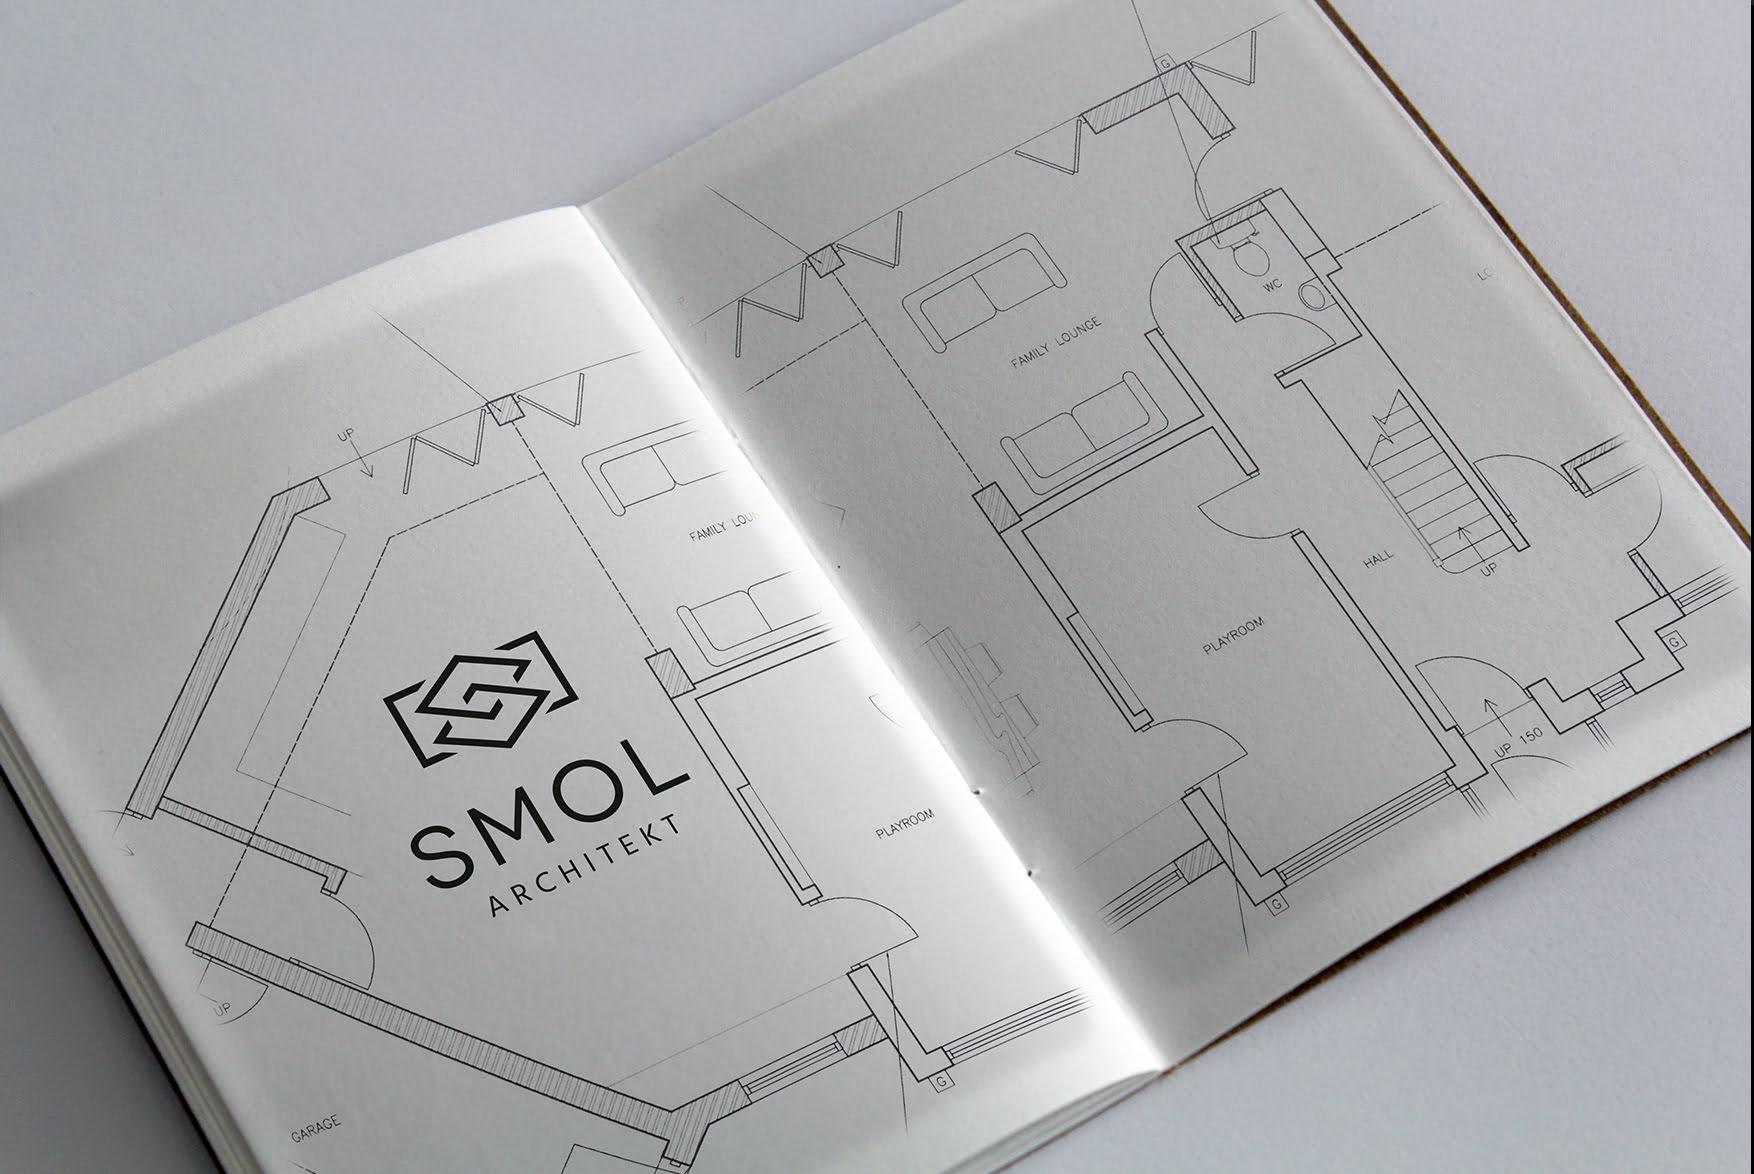 Smol ArchitektSmol Architekt